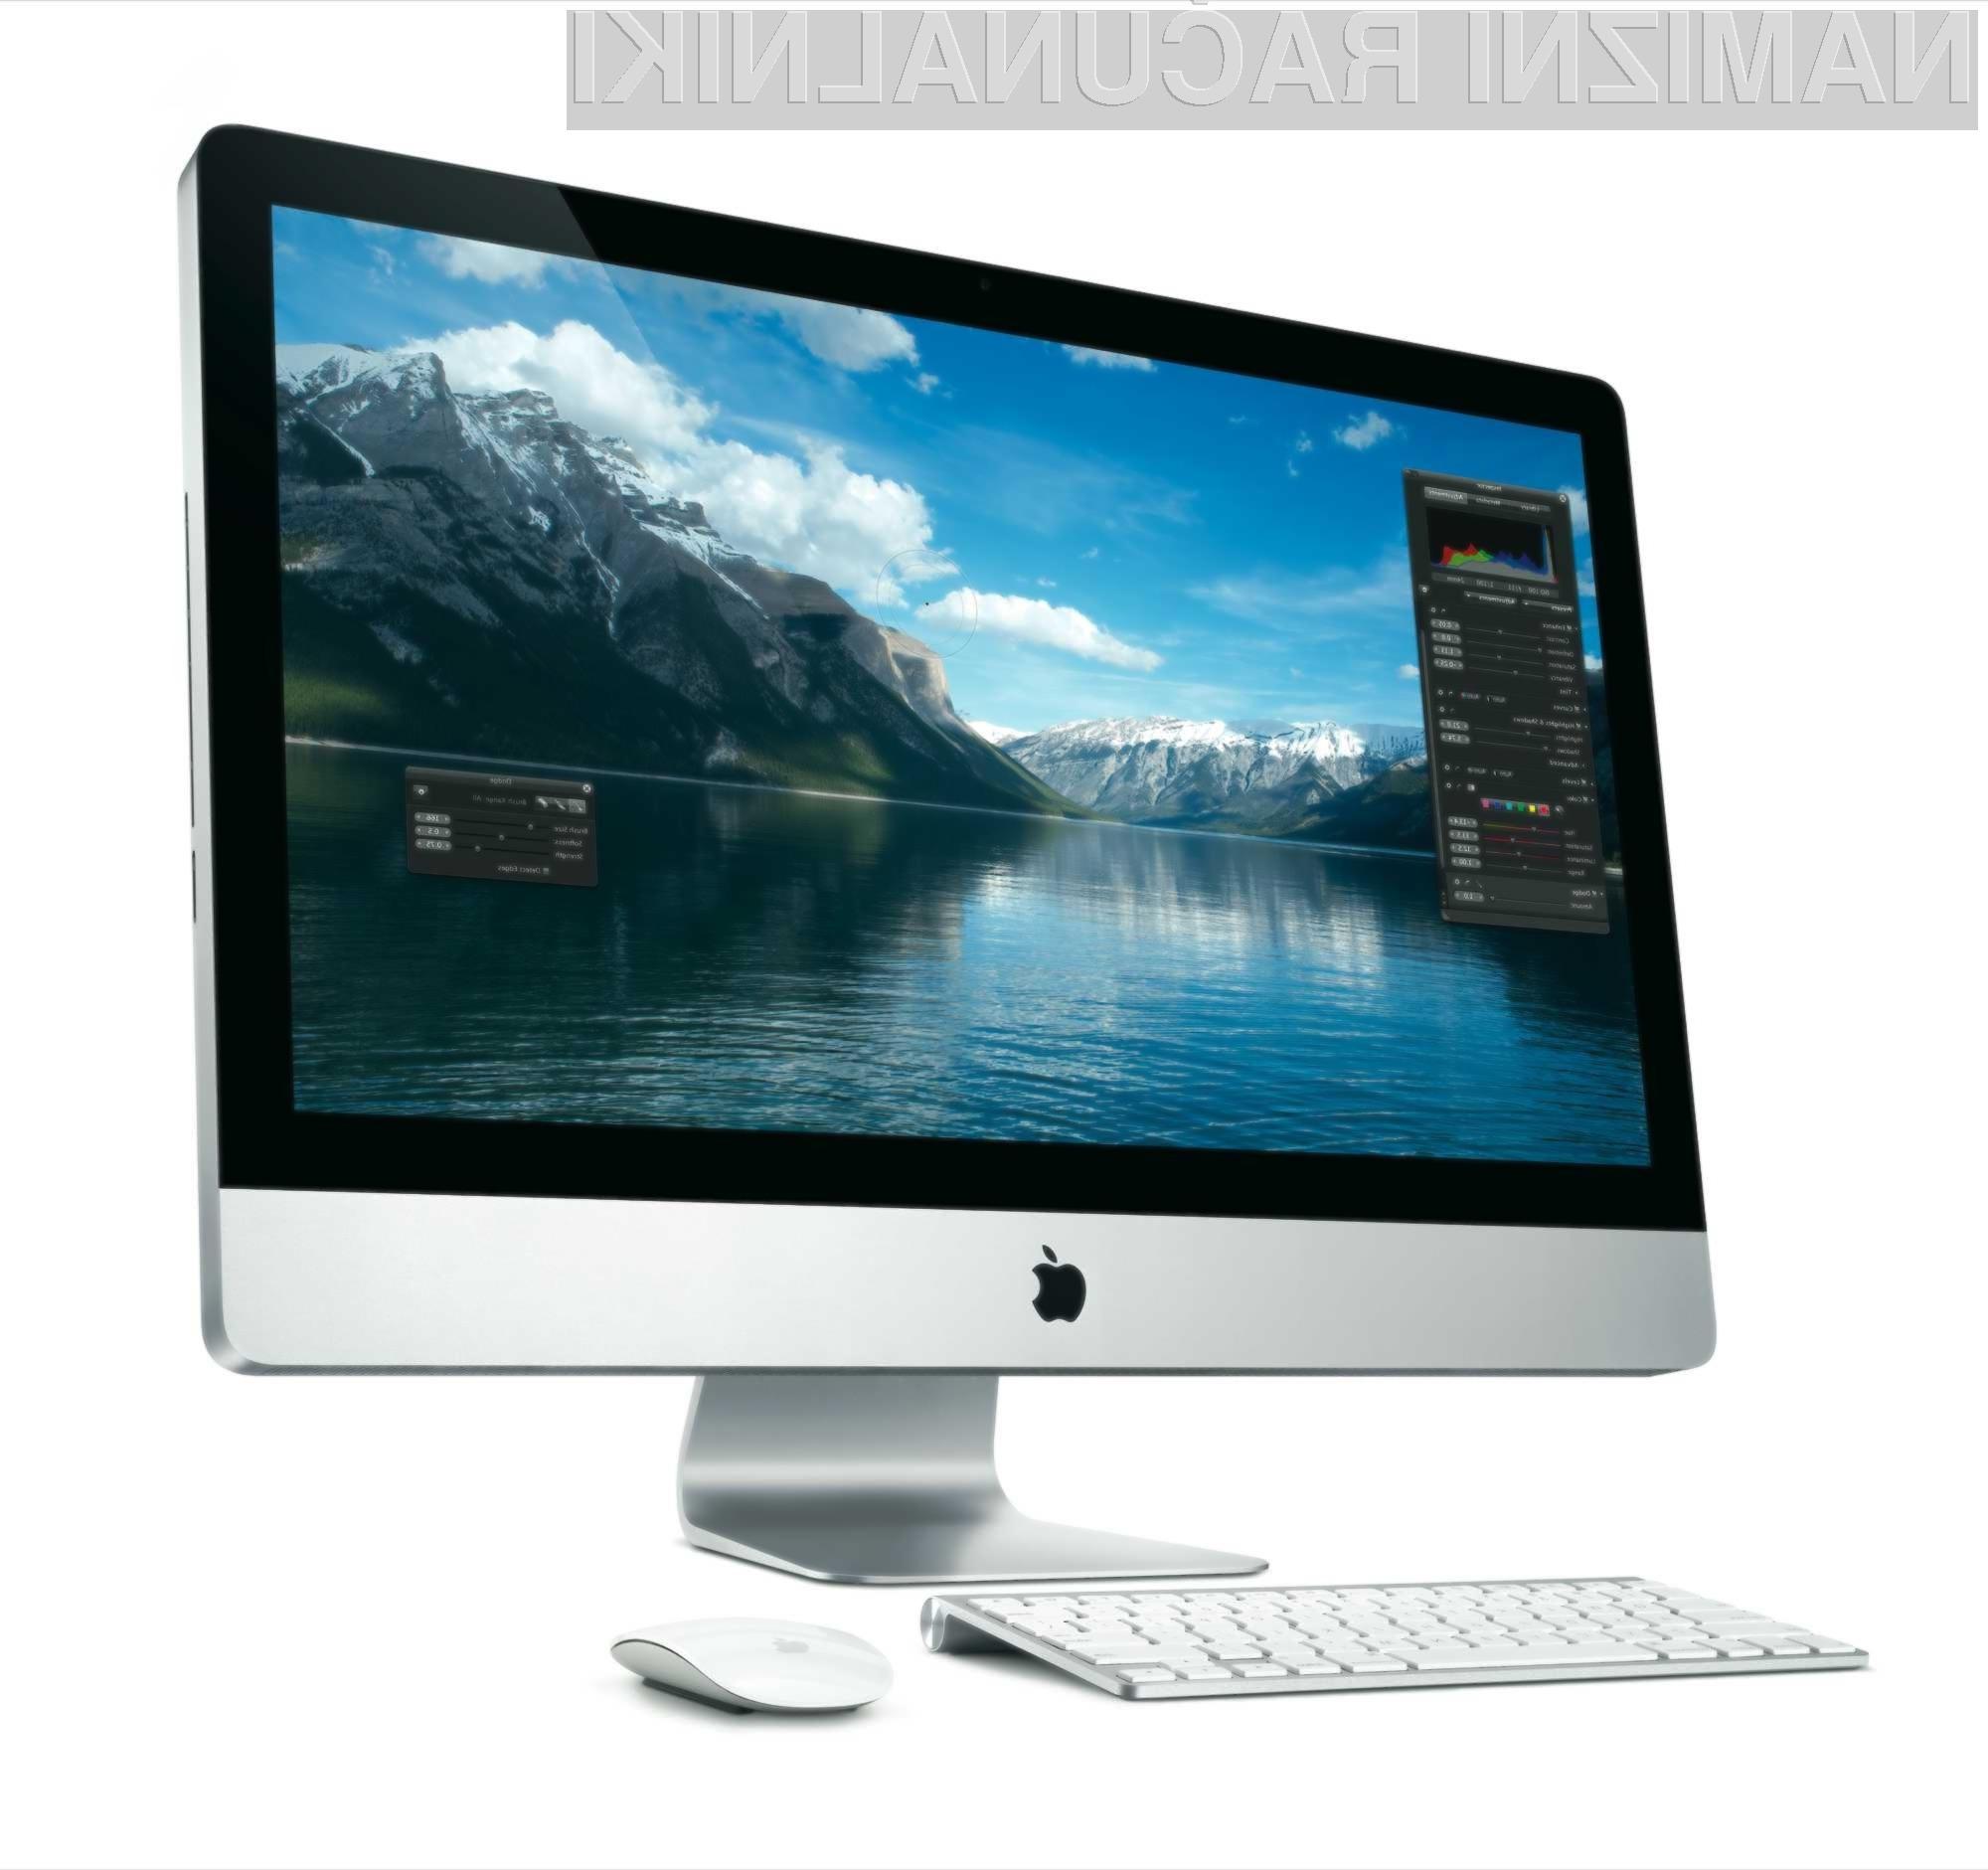 Kakovost obnovljenih računalnikov iMac naj bi bila, vsaj po zagotovilih podjetja Apple, povsem enaka novim izdelkom.